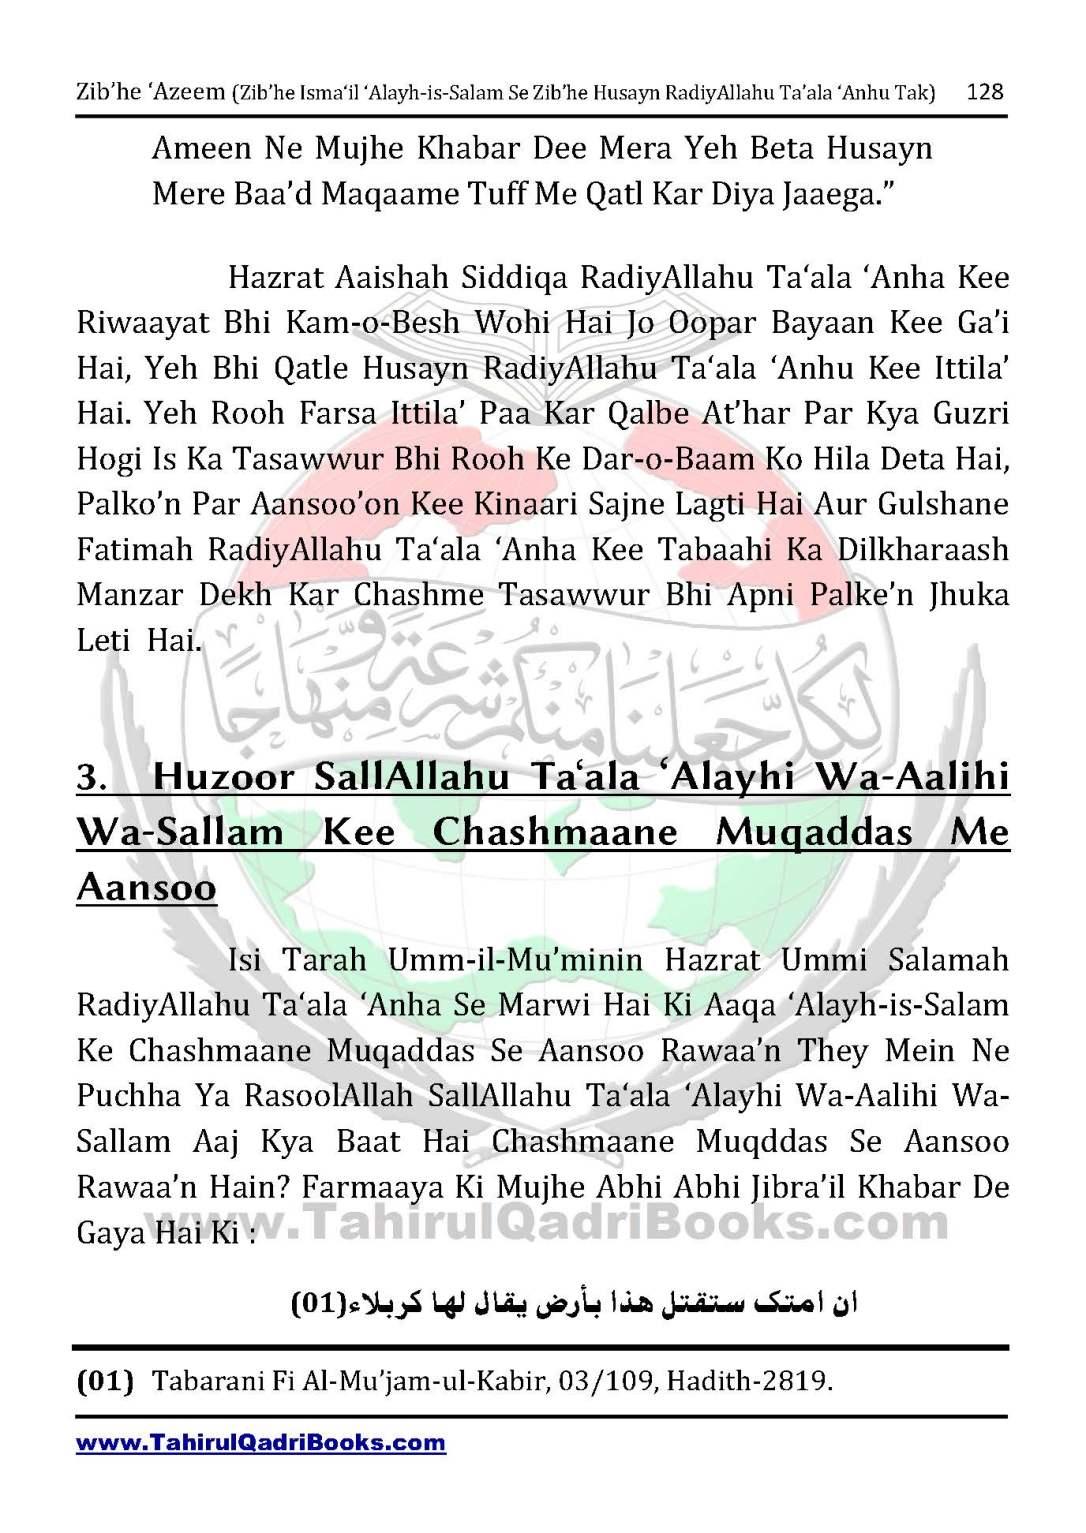 zib_he-e28098azeem-zib_he-ismacabbil-se-zib_he-husayn-tak-in-roman-urdu-unlocked_Page_128